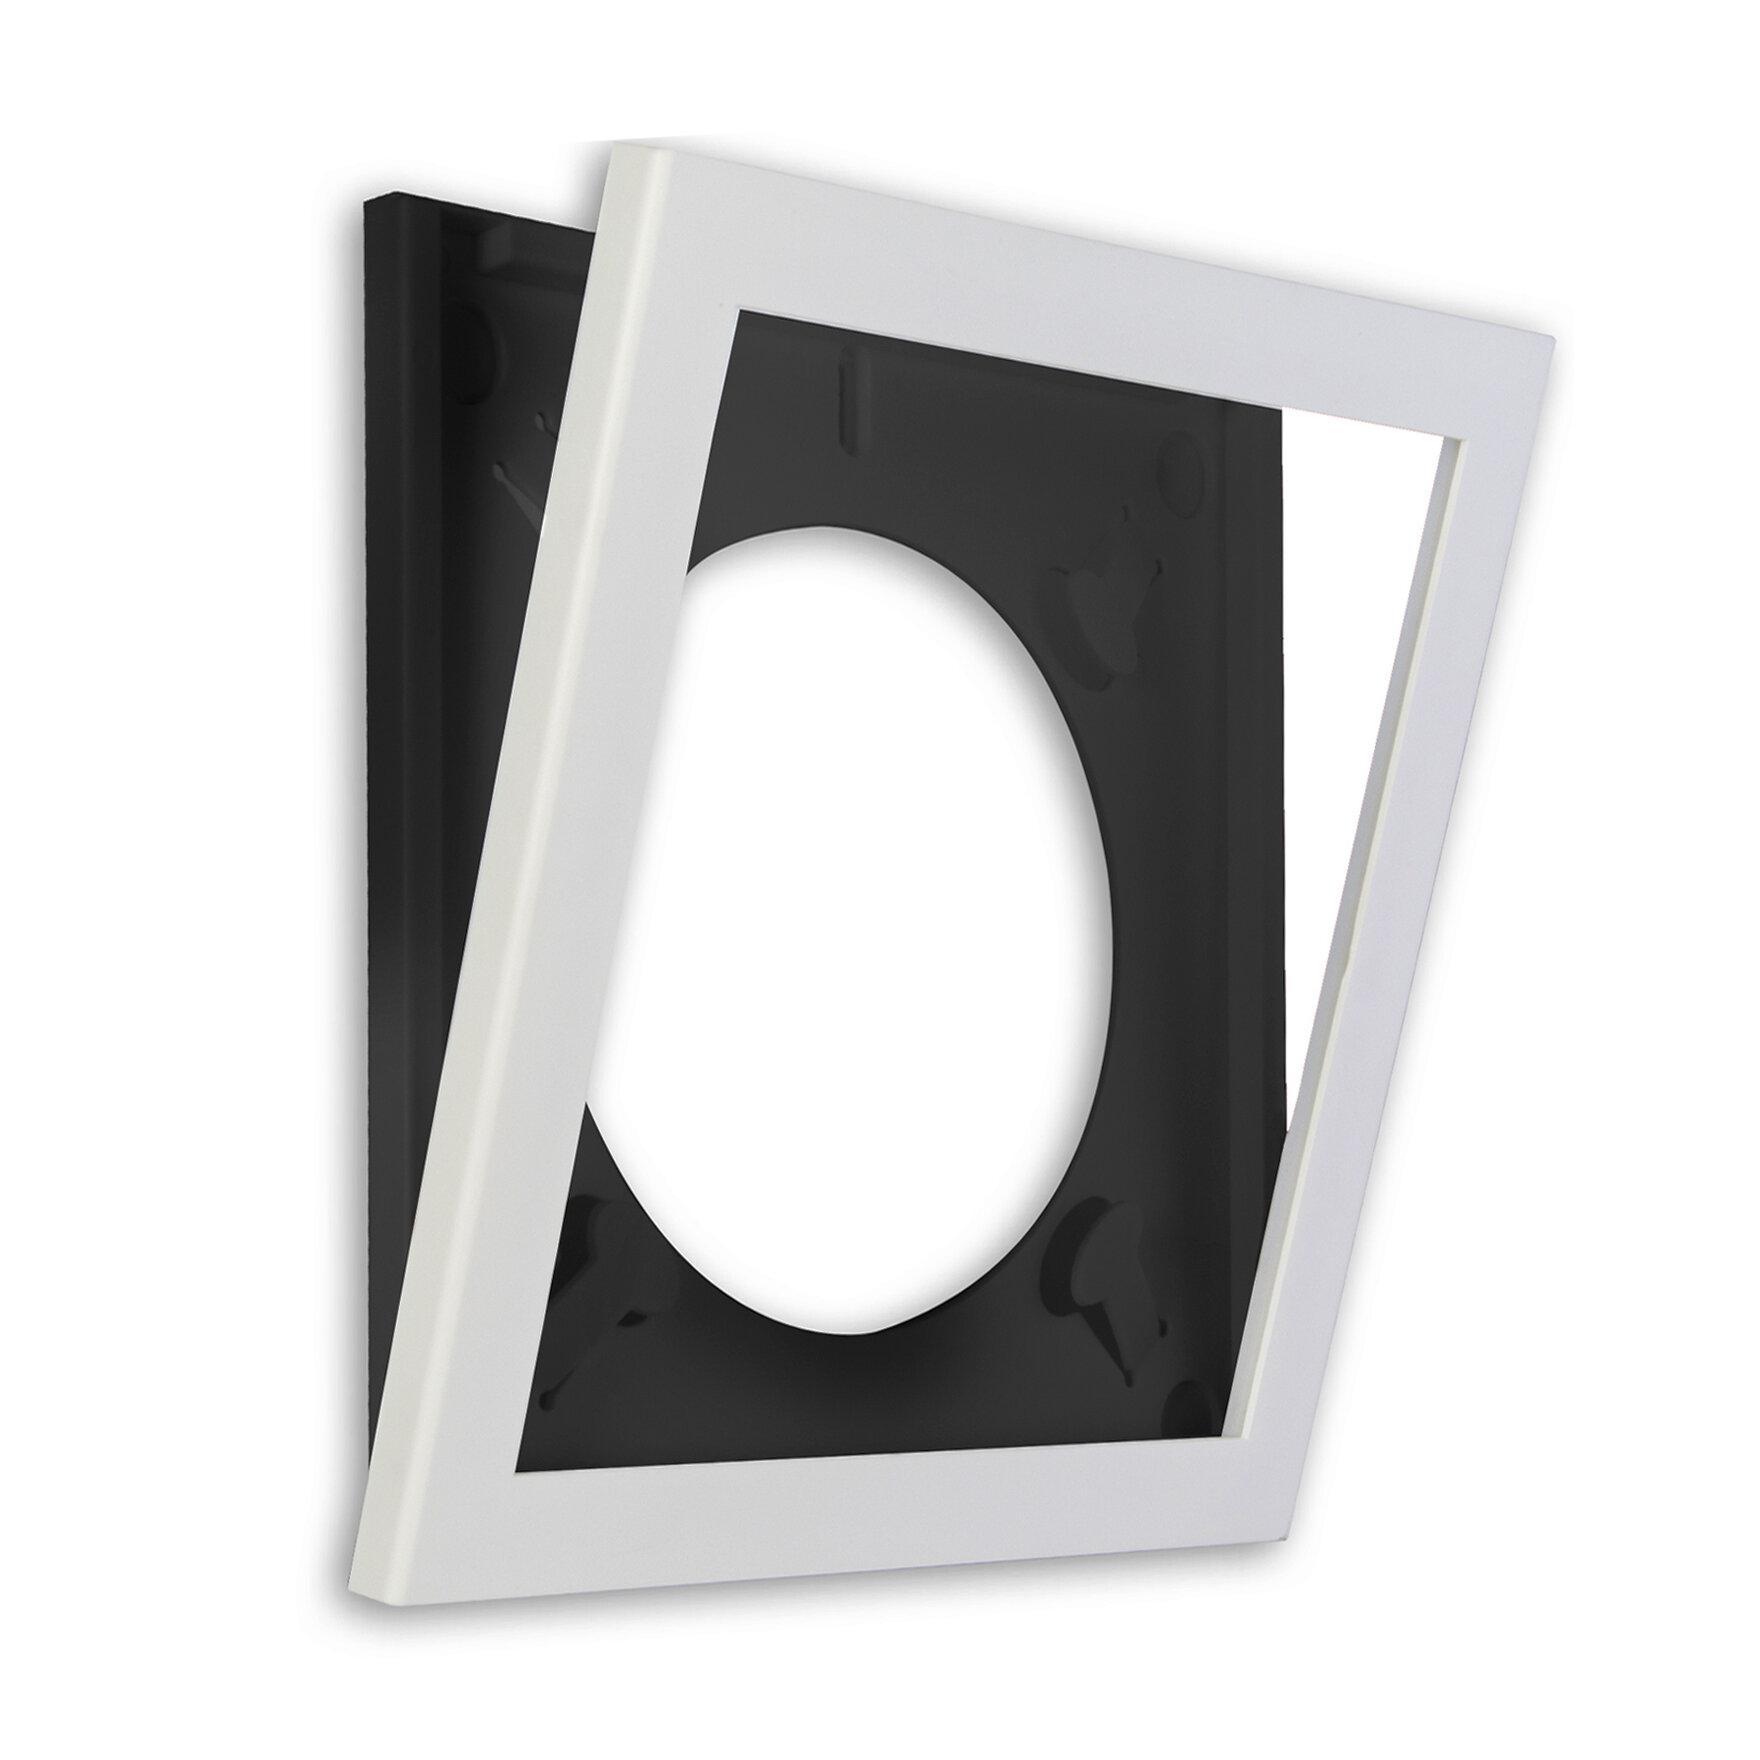 Nielsenbainbridge Play Display Vinyl Record Display Picture Frame